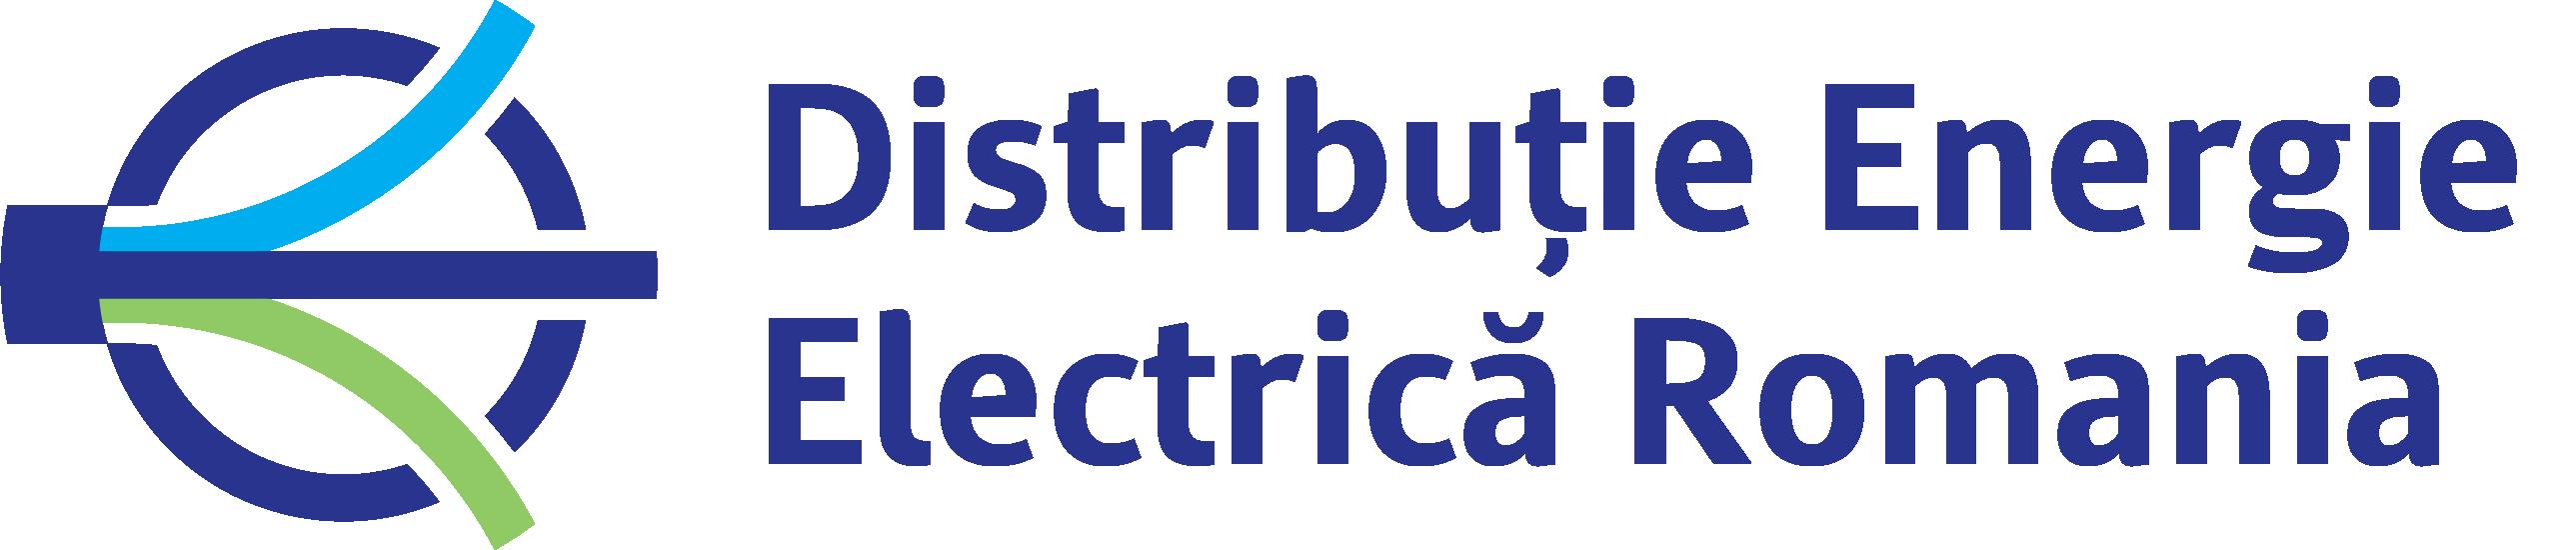 Distribuție Energie Electrică Romania Logo